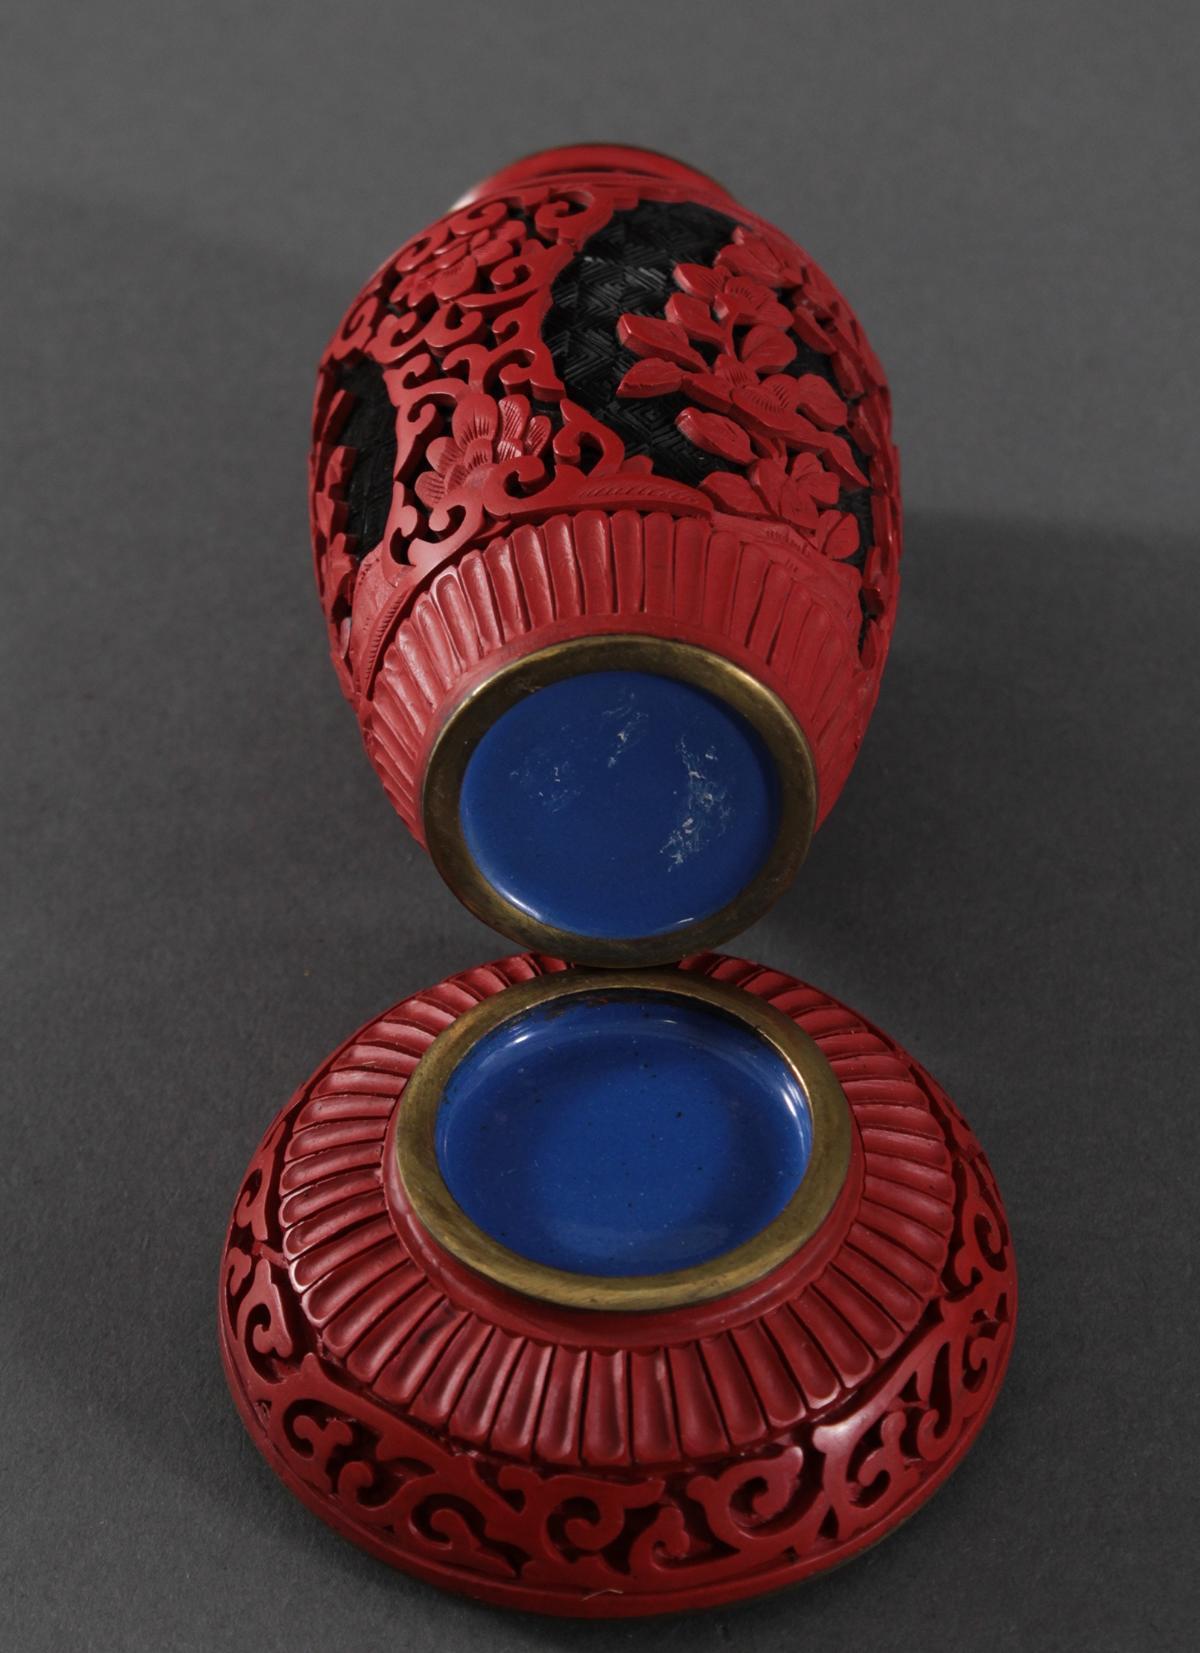 Schichtlack-Deckeldose und Vase, China, Mitte 20. Jahrhundert-4